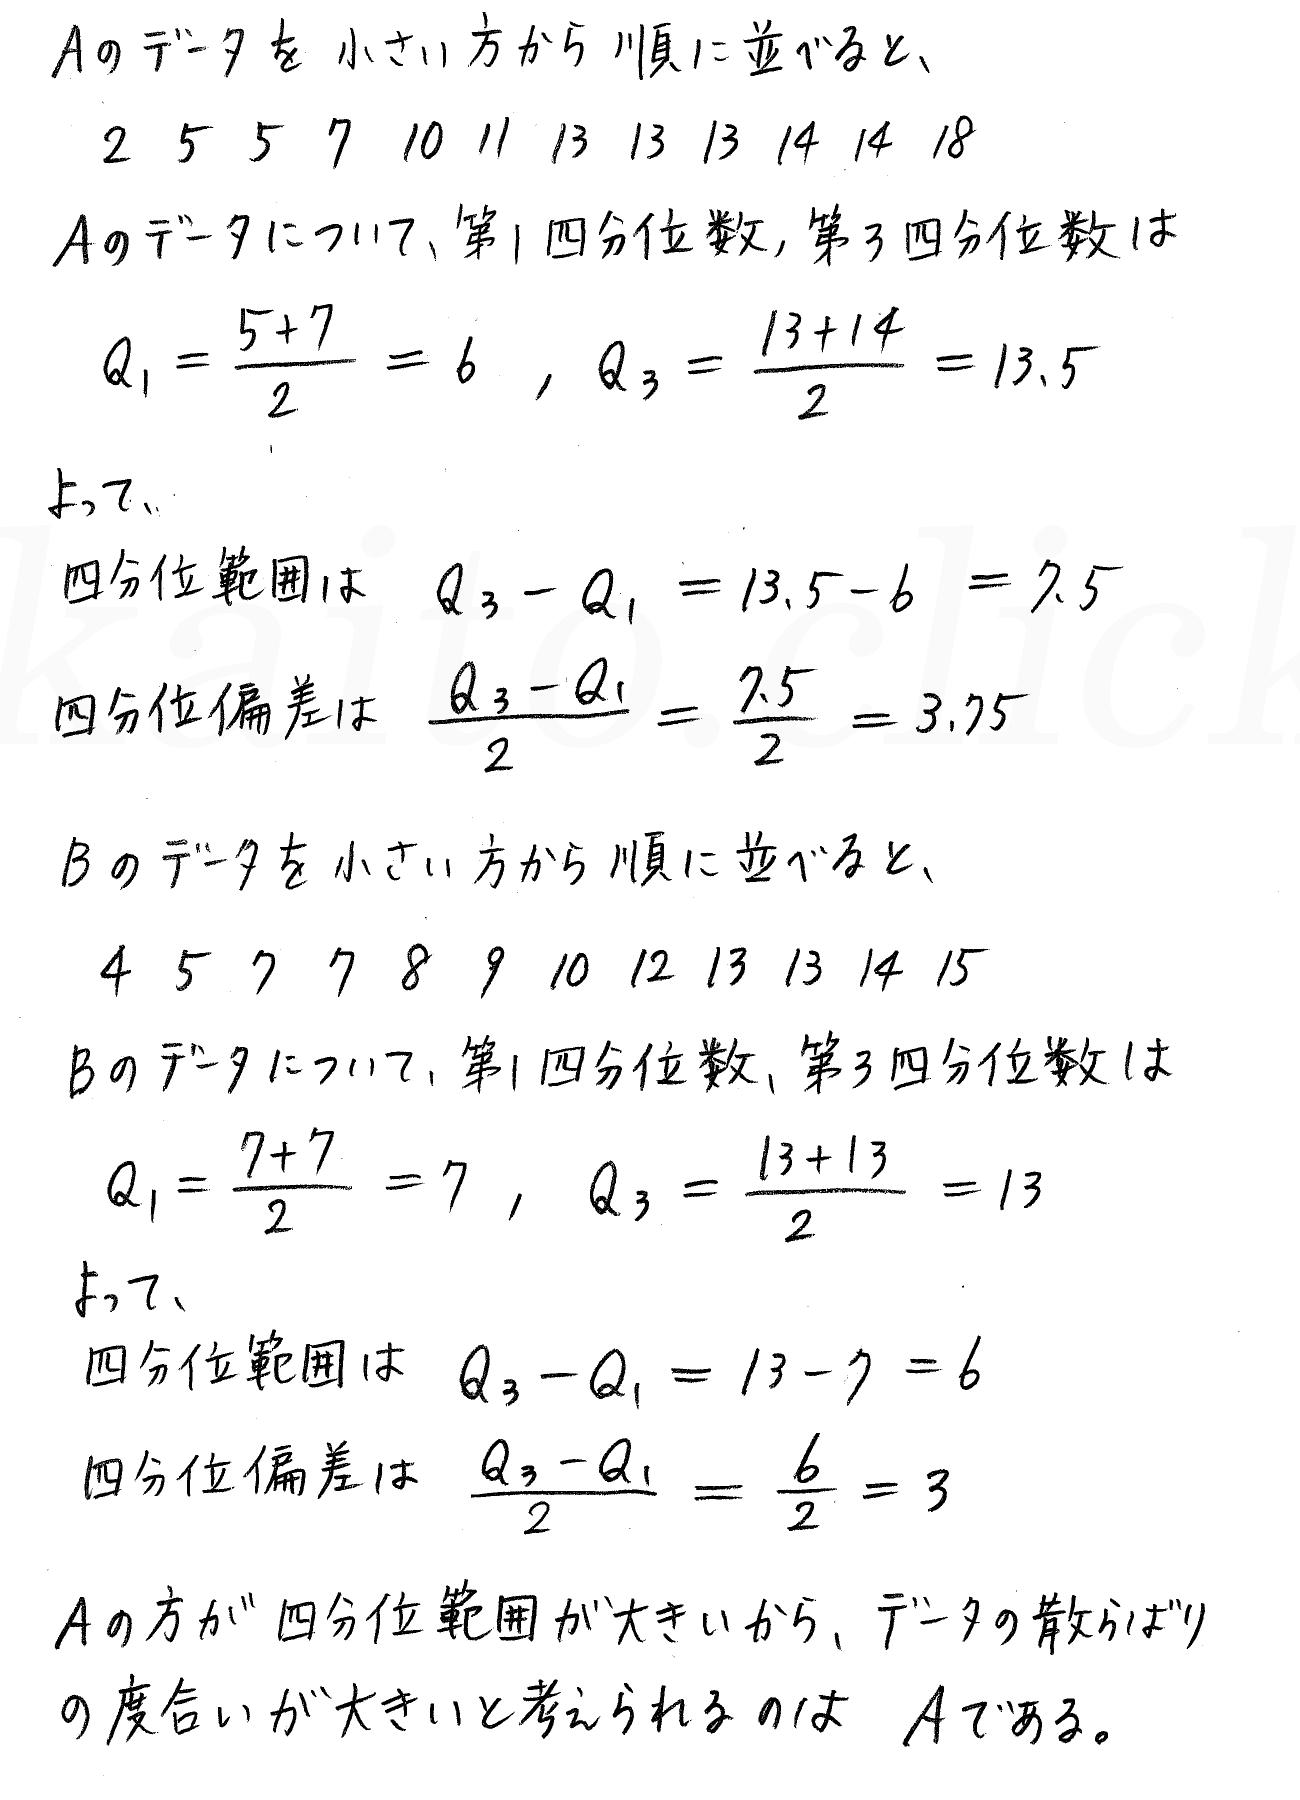 クリアー数学1-346解答